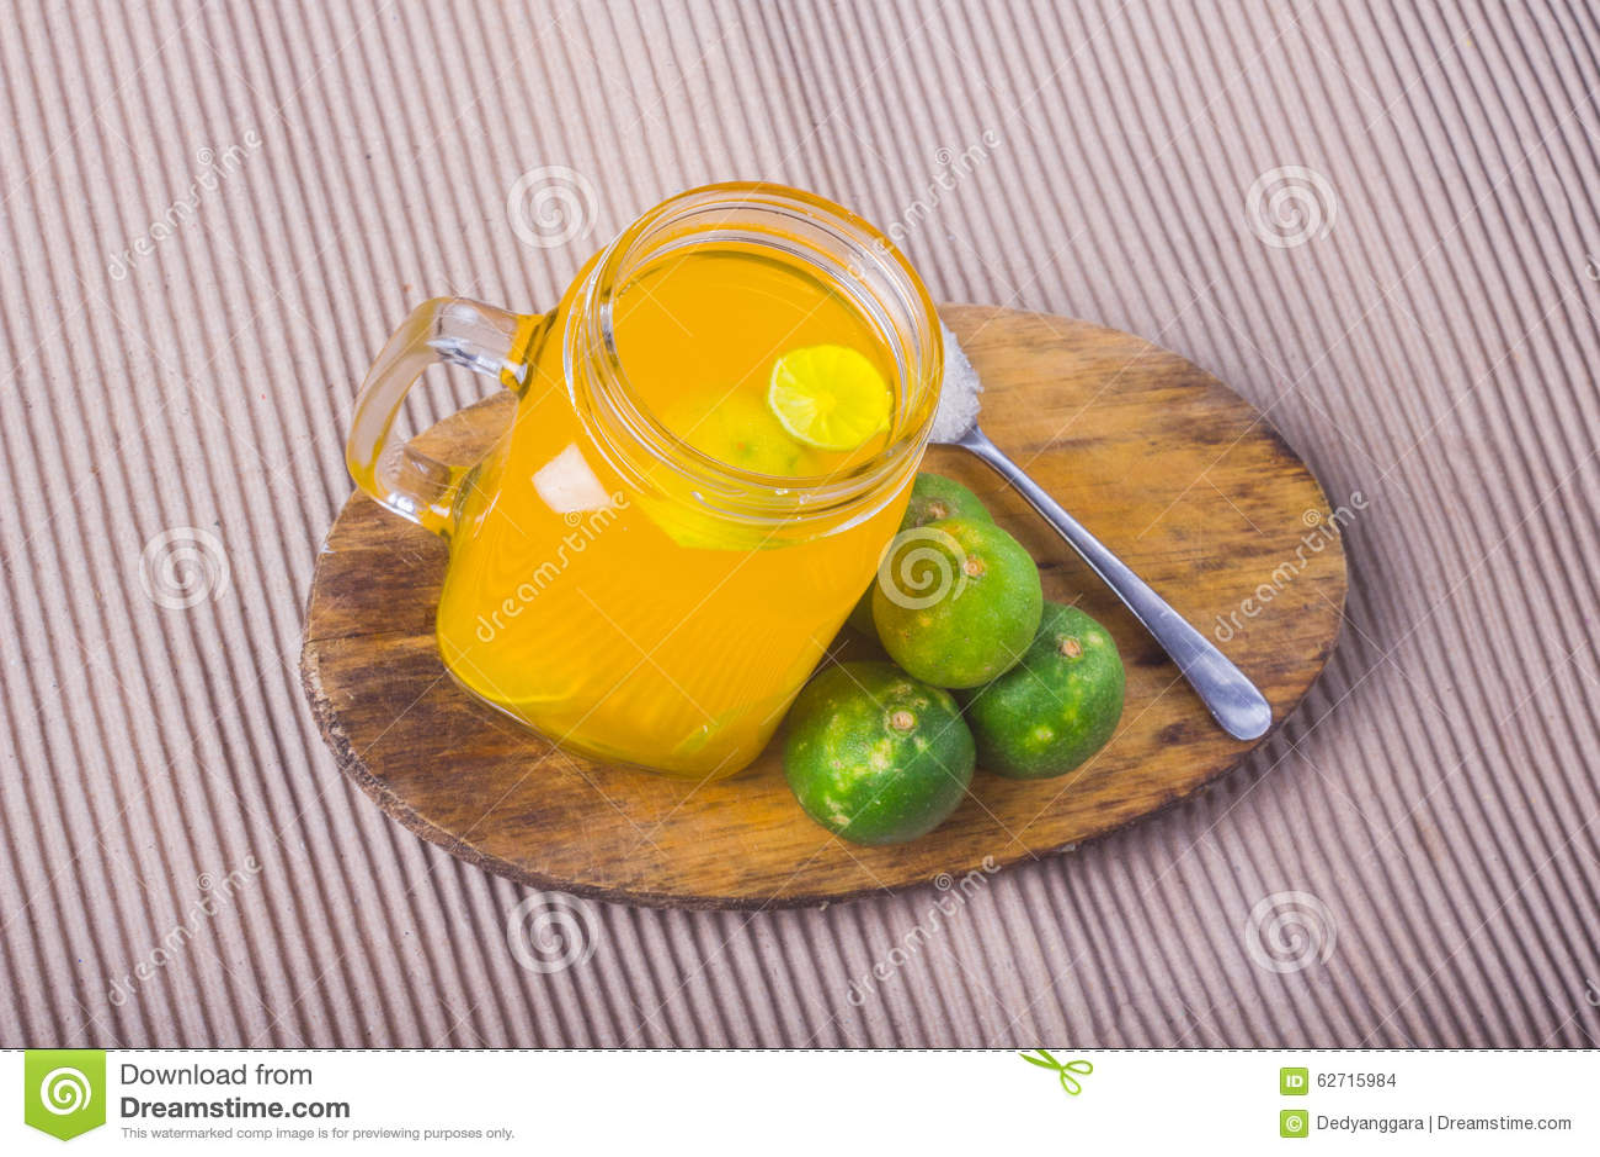 Ποτήρι του χυμού από πορτοκάλι με το άχυρο και των φετών στον ξύλινο πίνακα